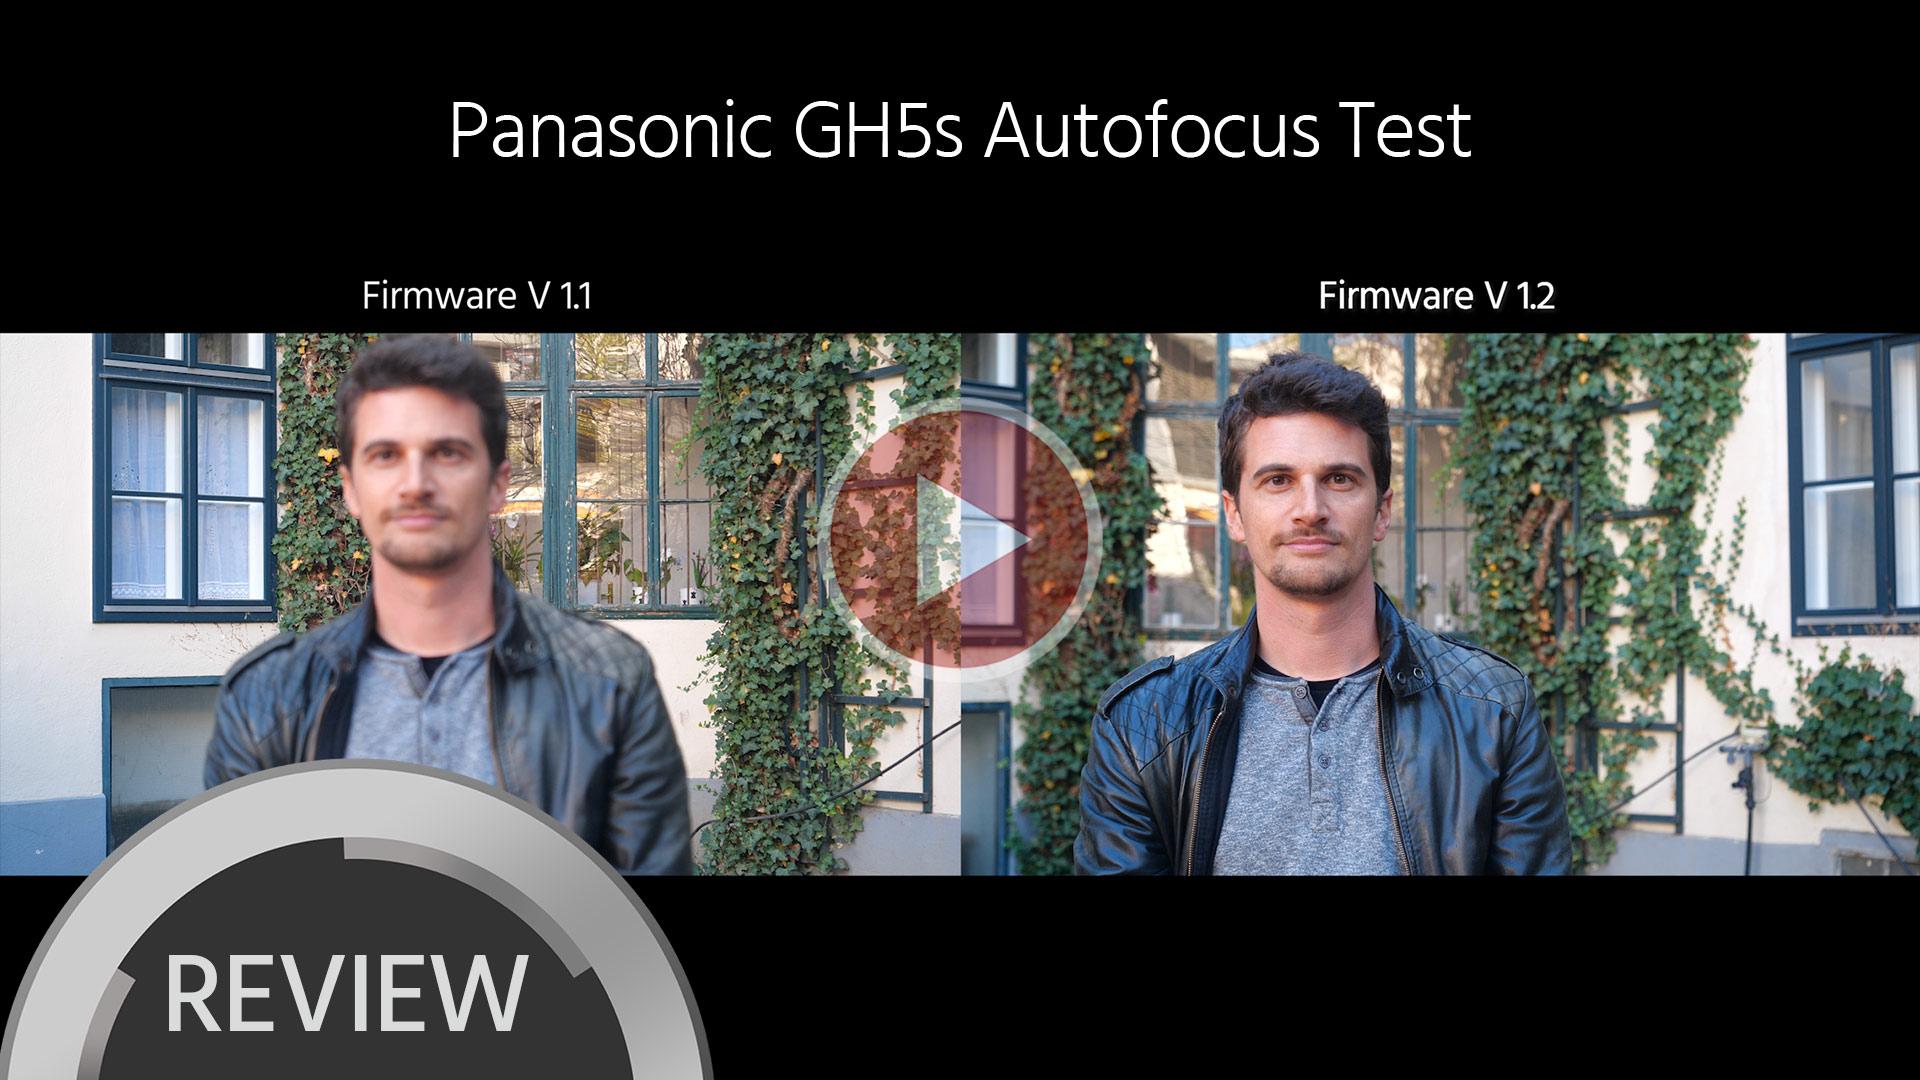 パナソニックがGH5s、GH5、G9の新ファームウエアをリリース - オートフォーカスを大幅に改善